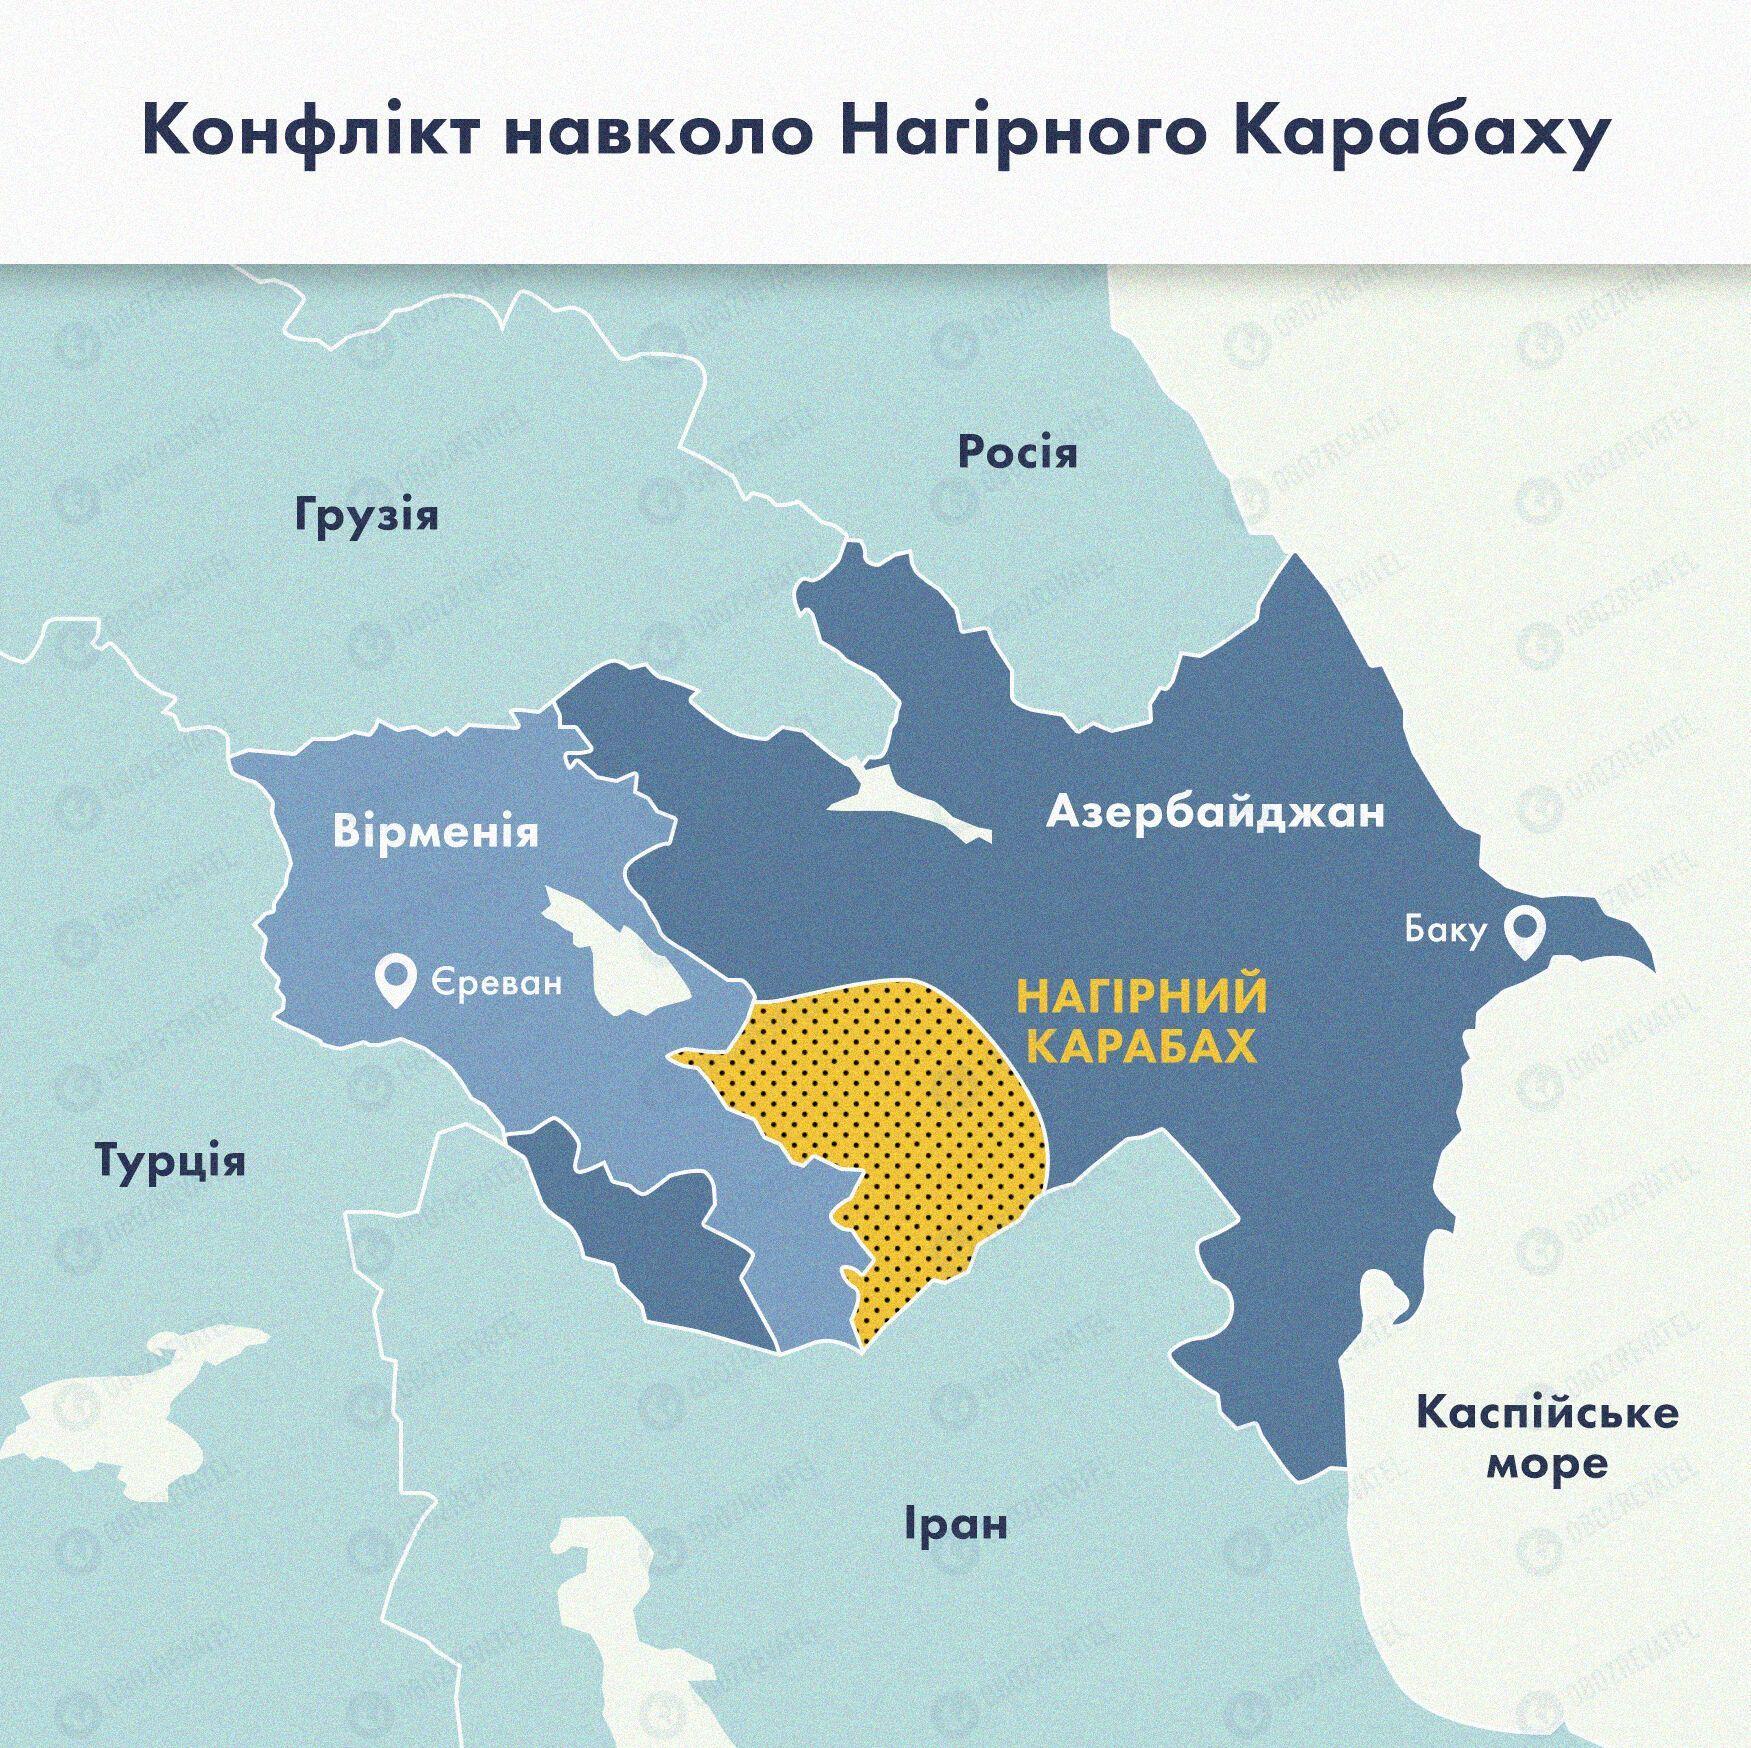 Карта щодо конфлікту в Нагірному Карабасі